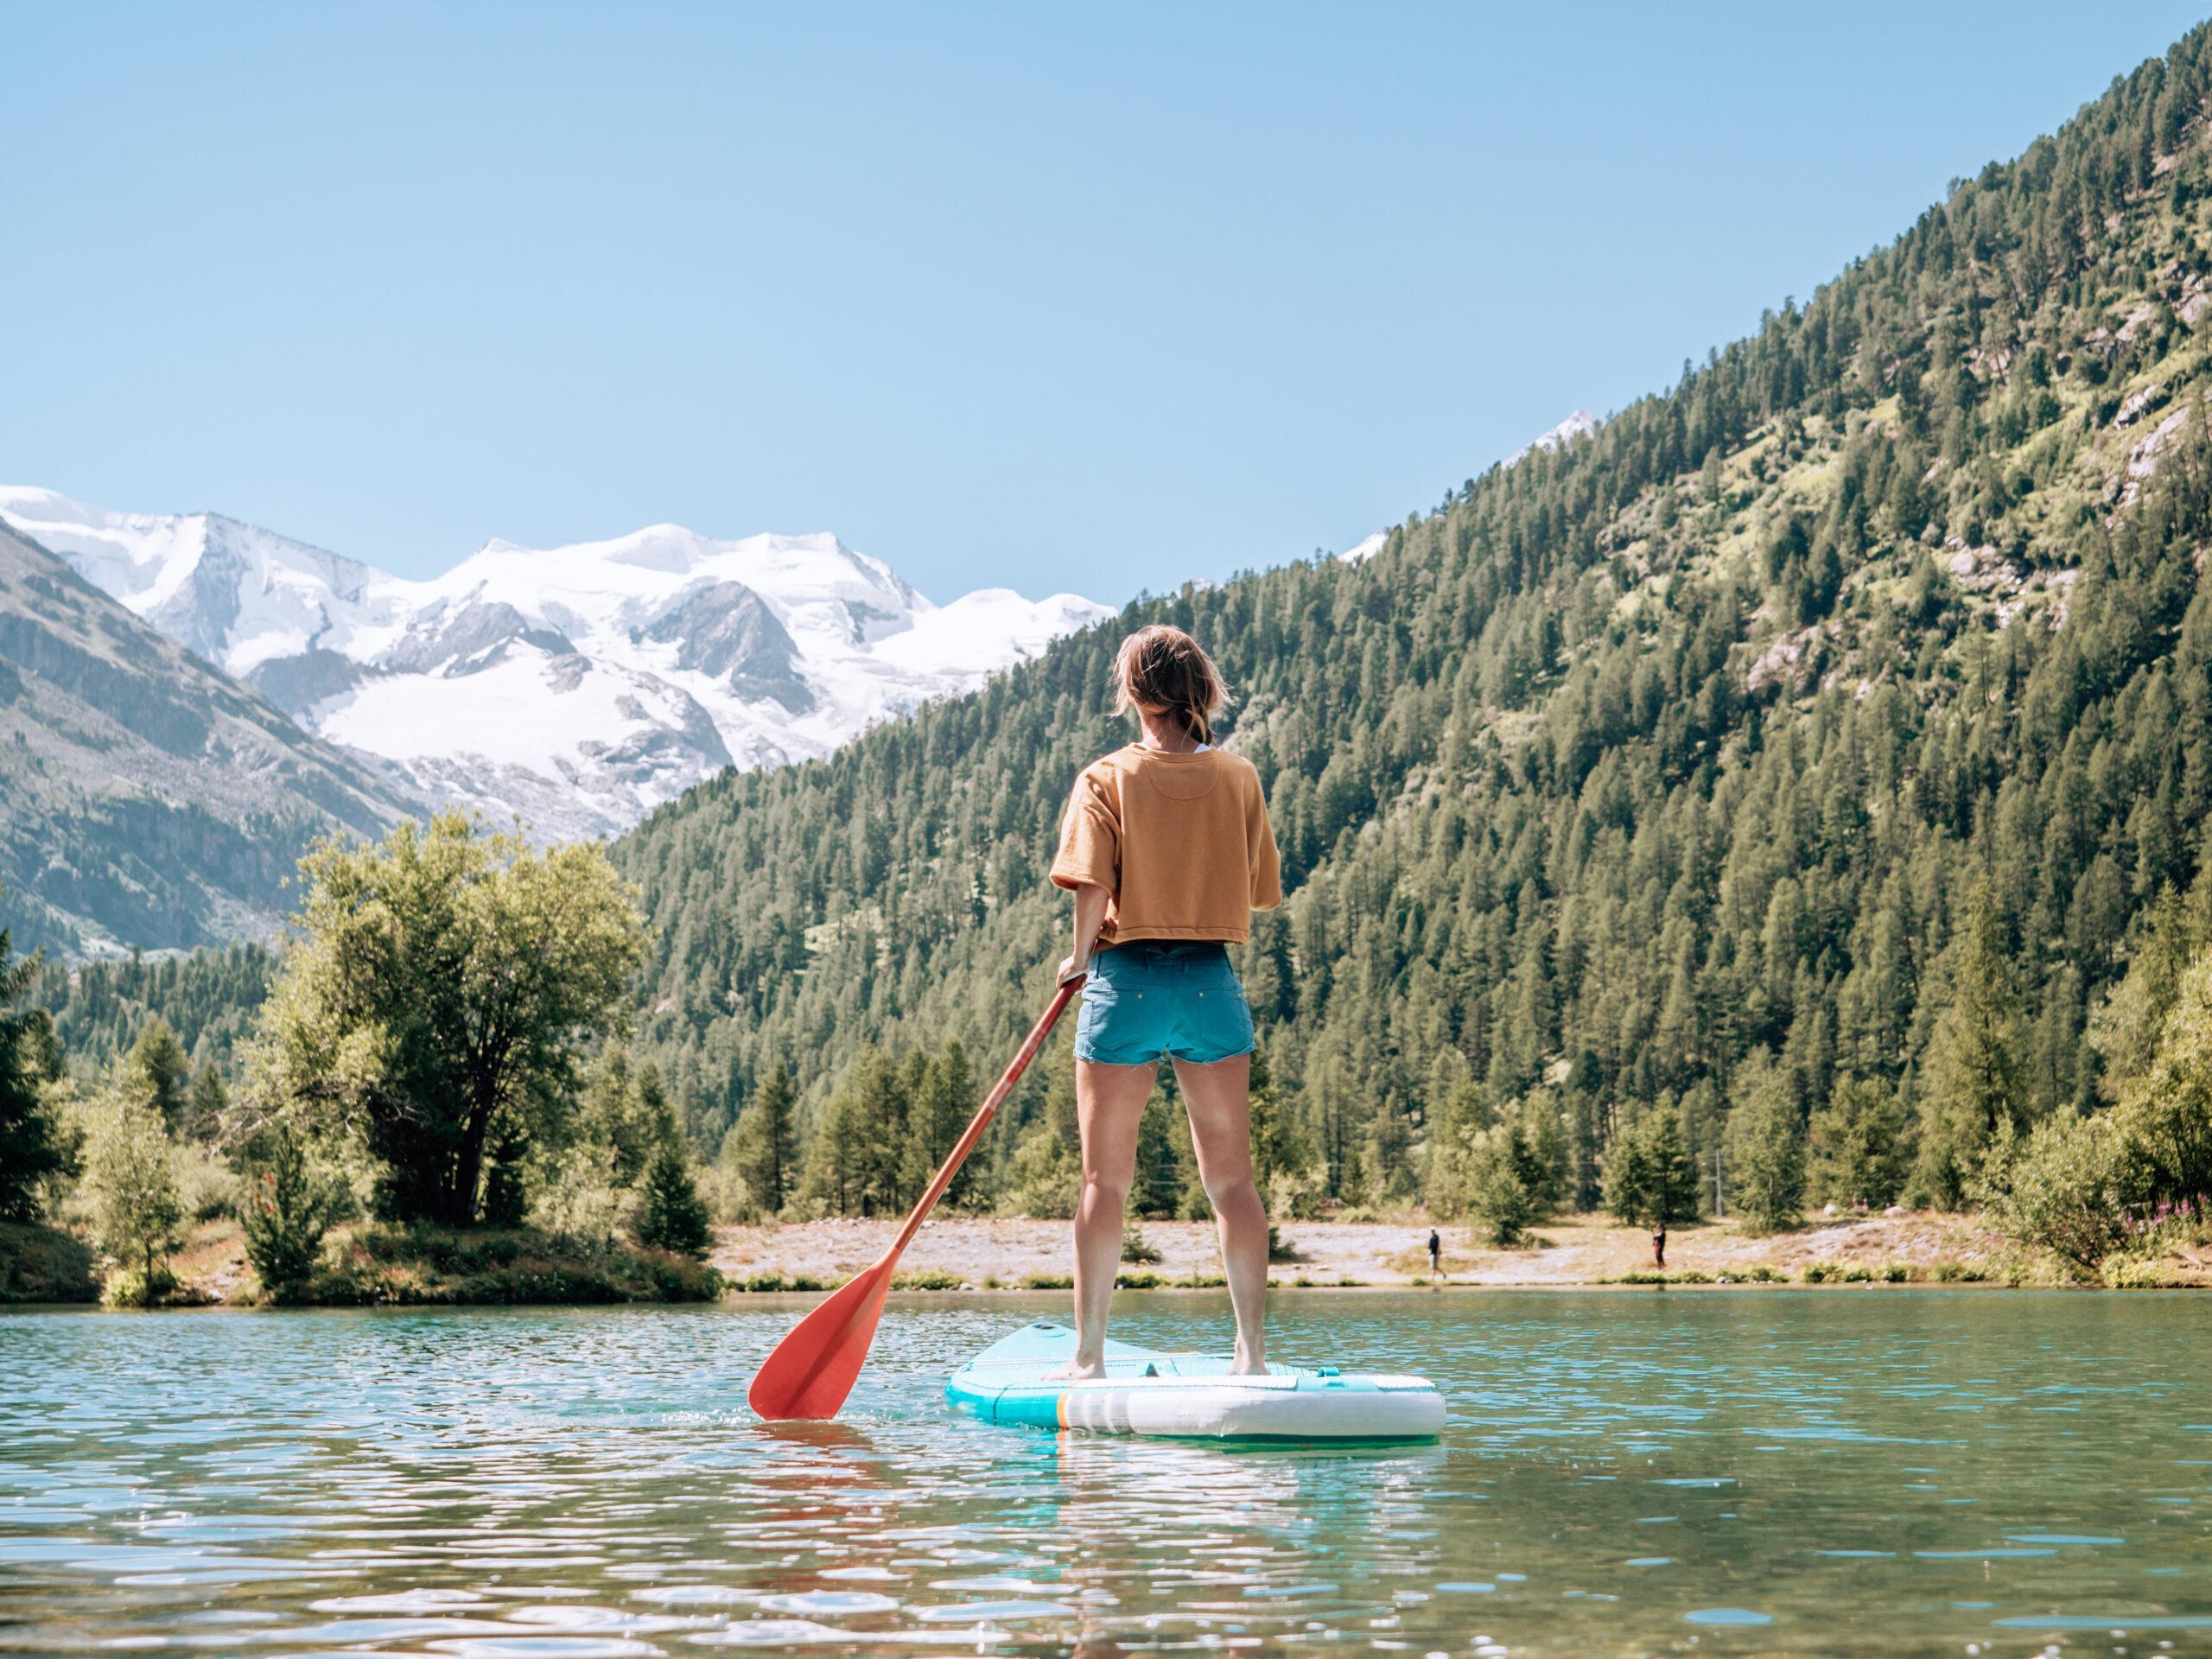 Main image of article: Pourquoi choisir Vialala lorsqu'on veut voyager ?